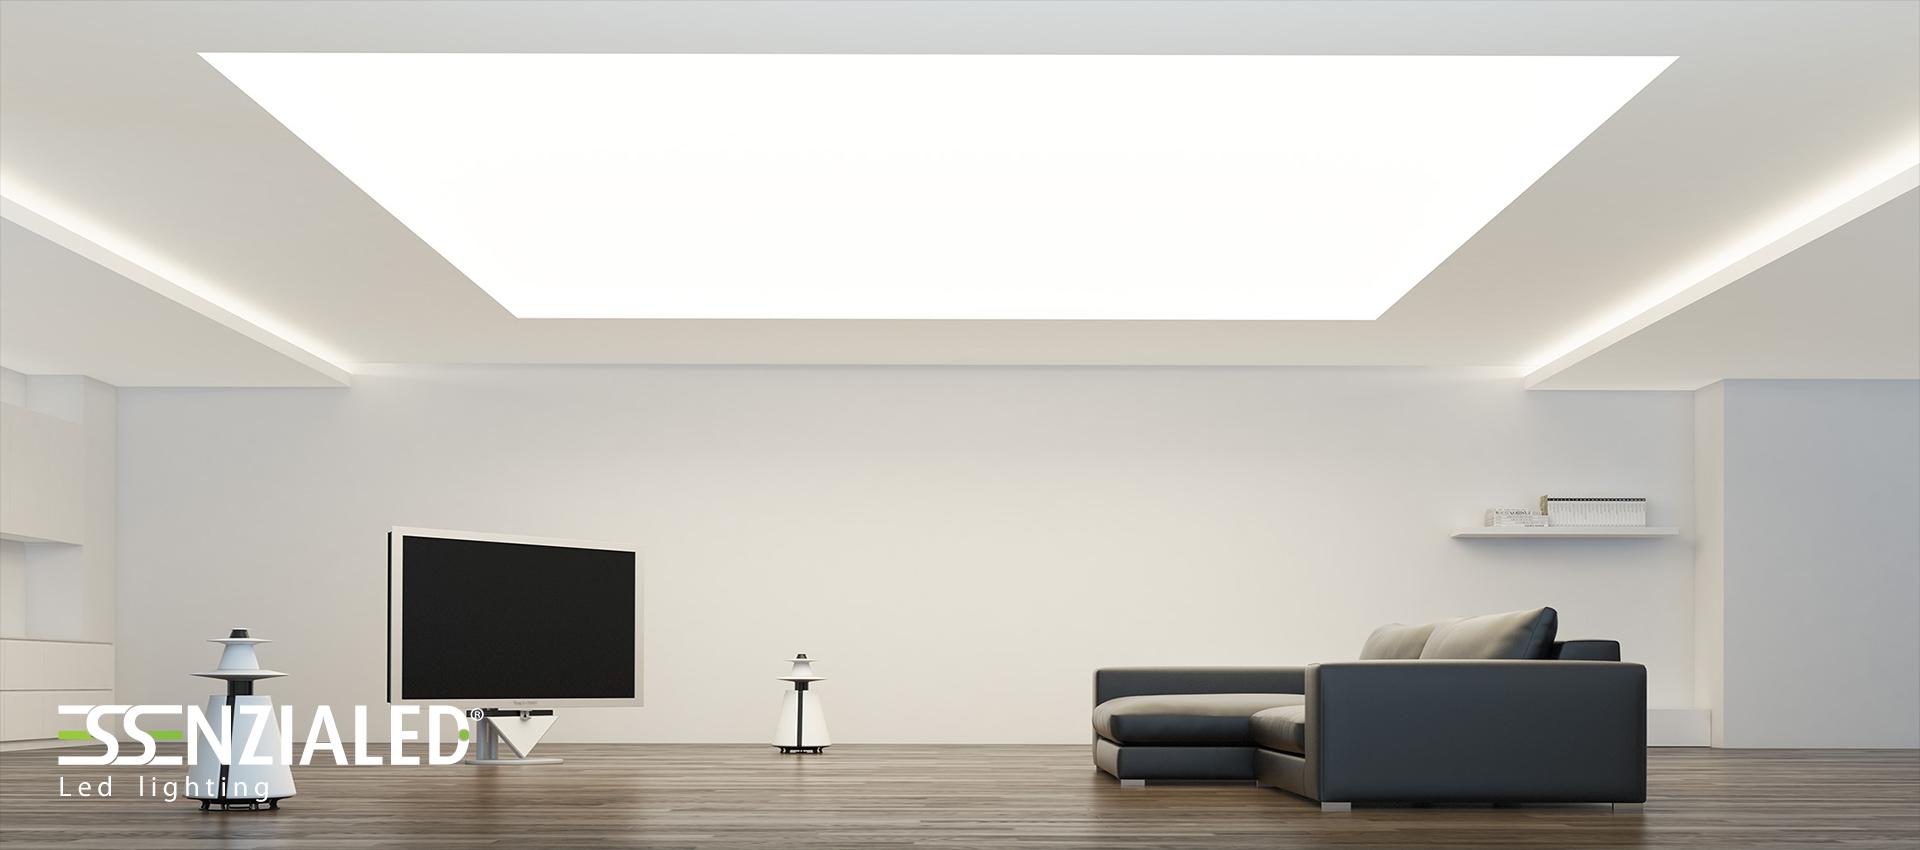 Lampade a soffitto per cucina for Illuminazione led a soffitto